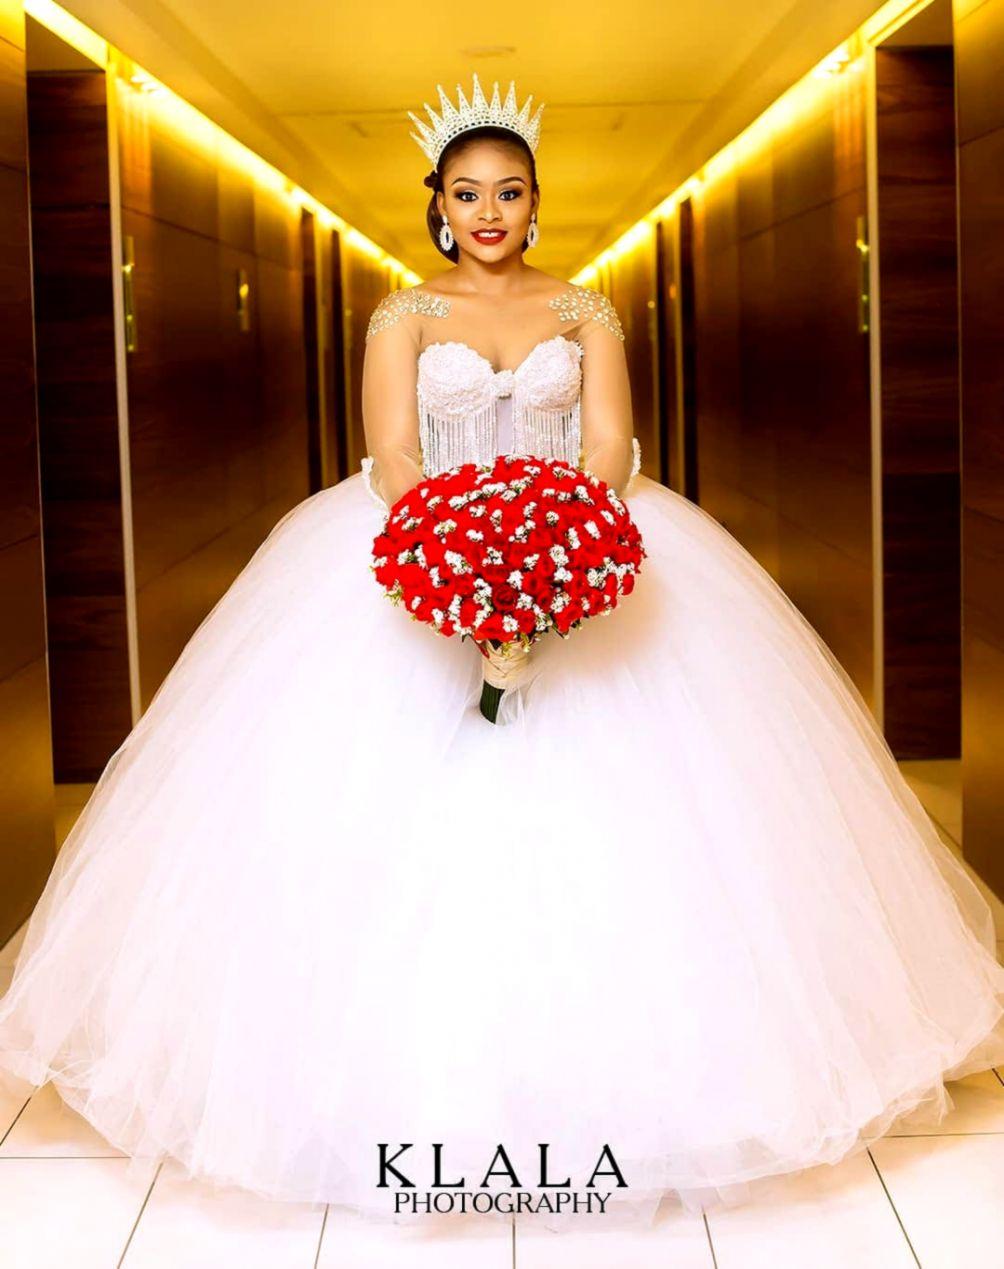 latest nigerian wedding gowns, OFF 72%,Buy!